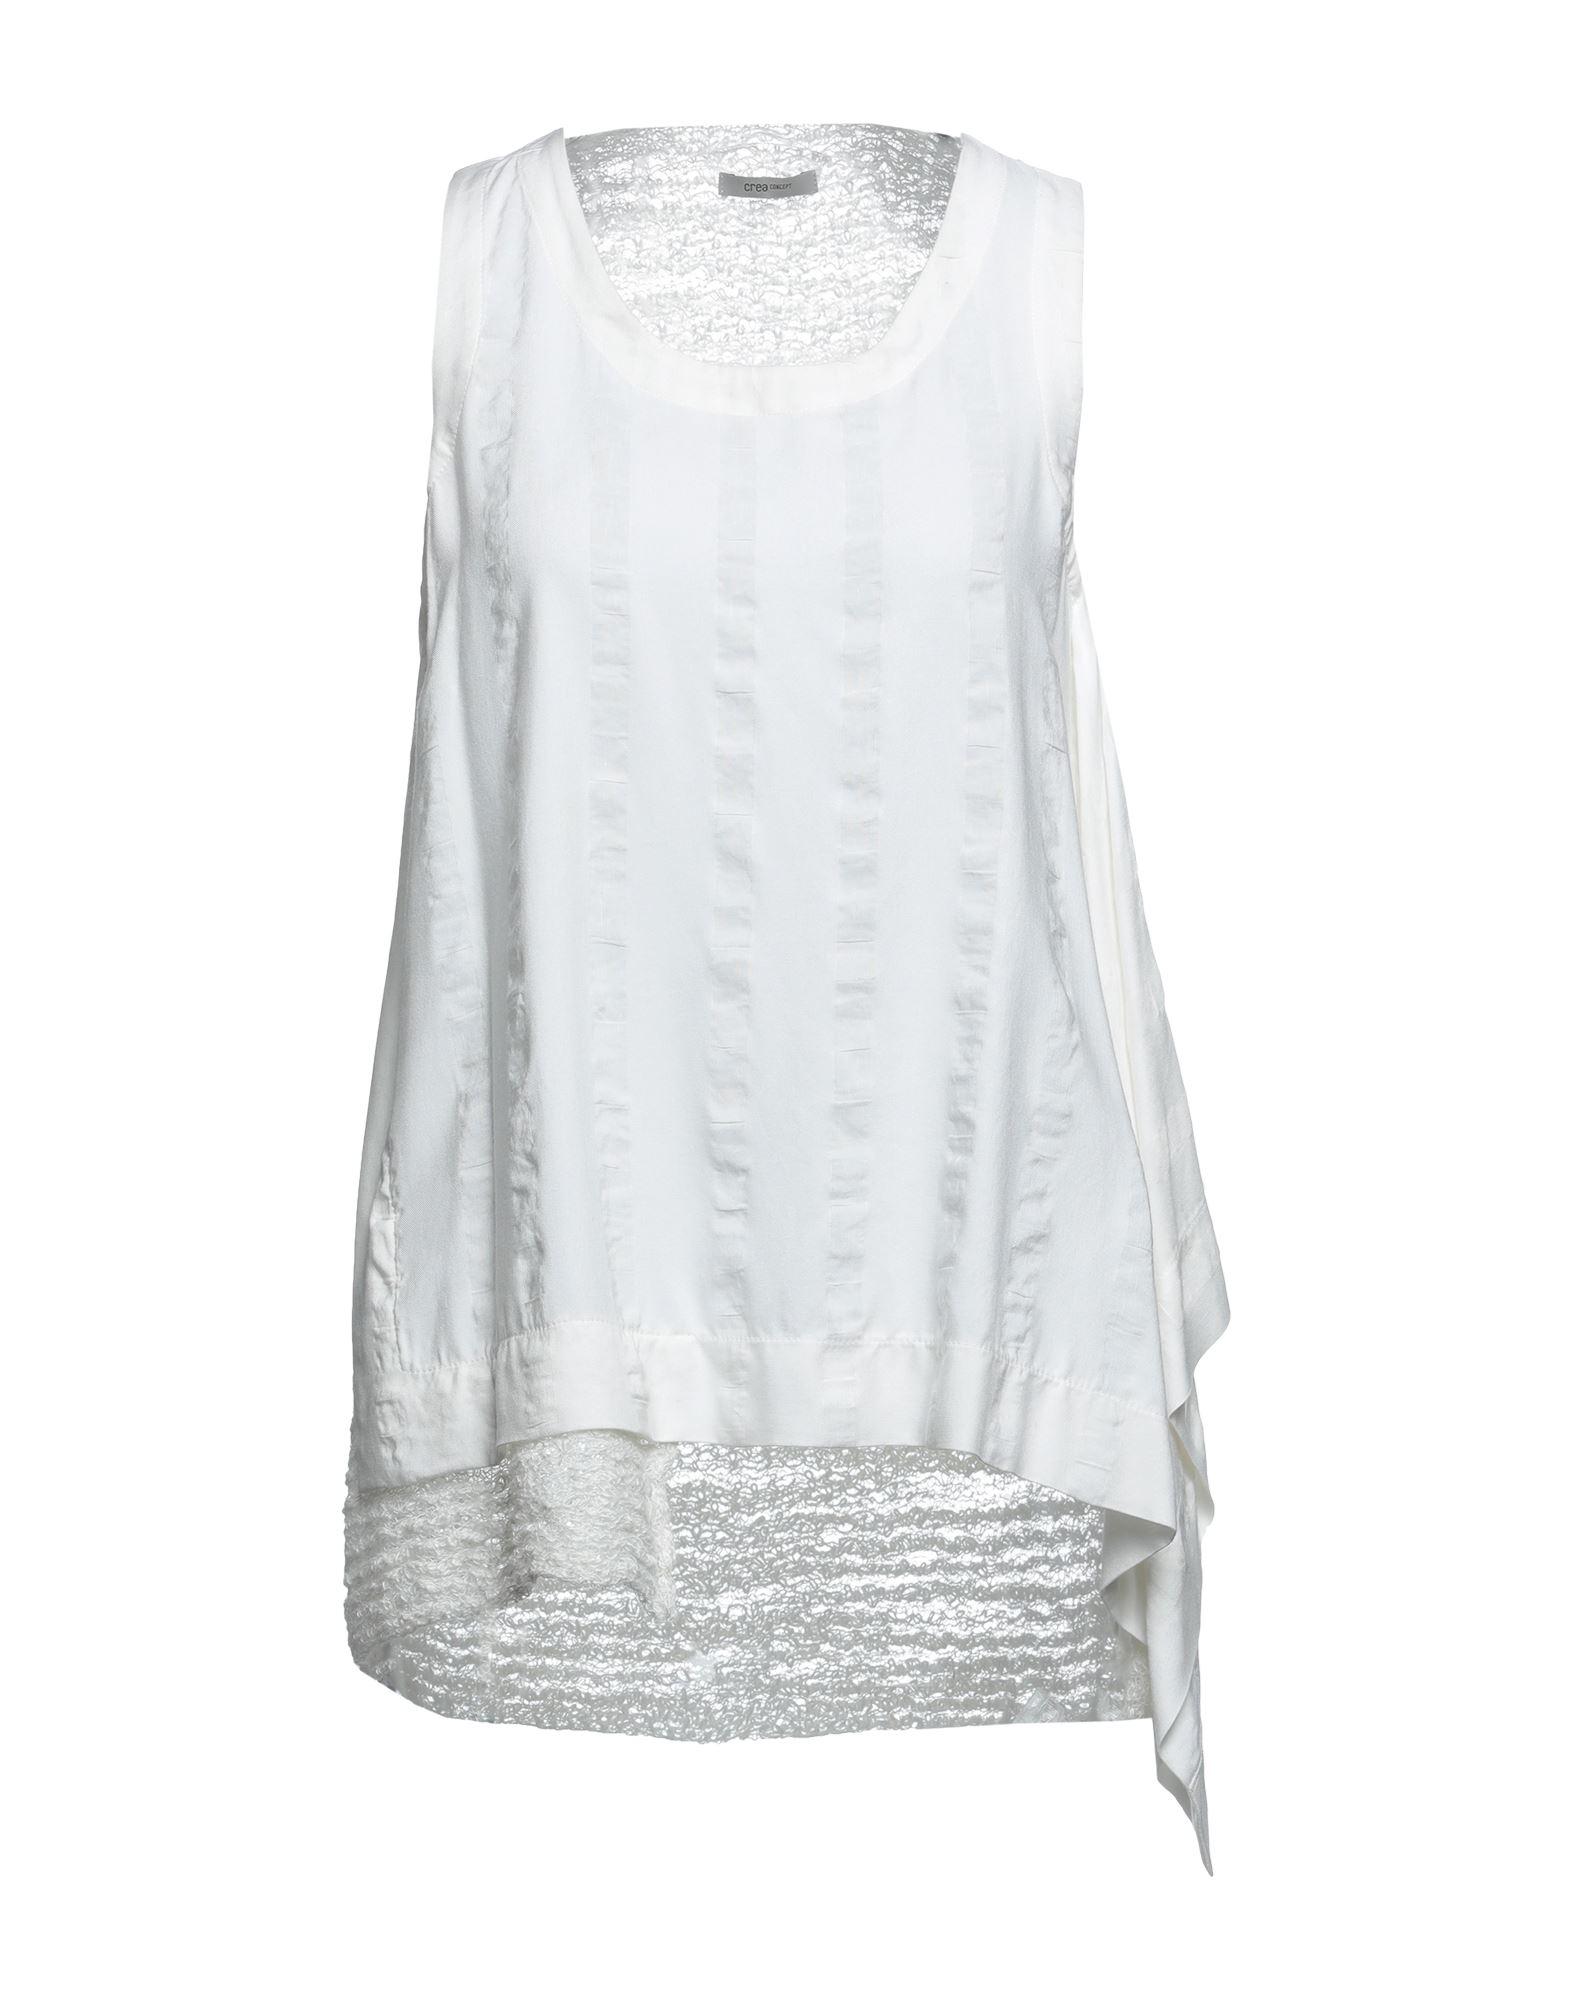 crea concept блузка CREA CONCEPT Топ без рукавов